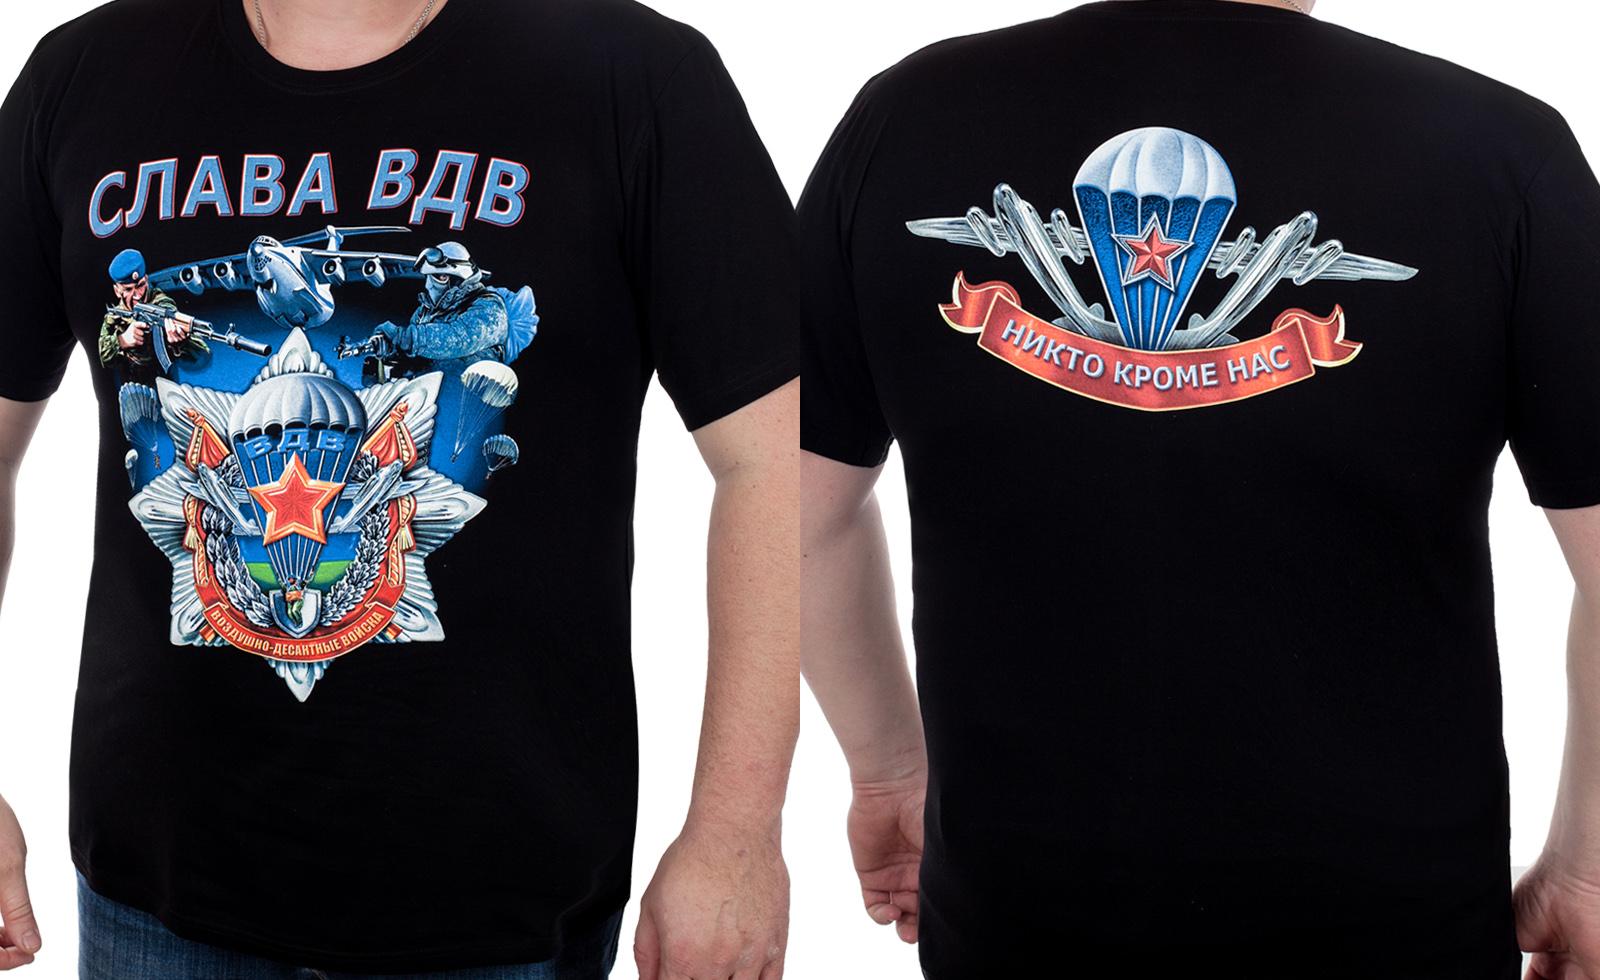 БАТАЛЬНАЯ мега обнова! Мужская черная футболка «Слава ВДВ». Скоро потеплеет и цены на модные летние вещи поползут вверх. Будь на шаг впереди жадных продаванов!